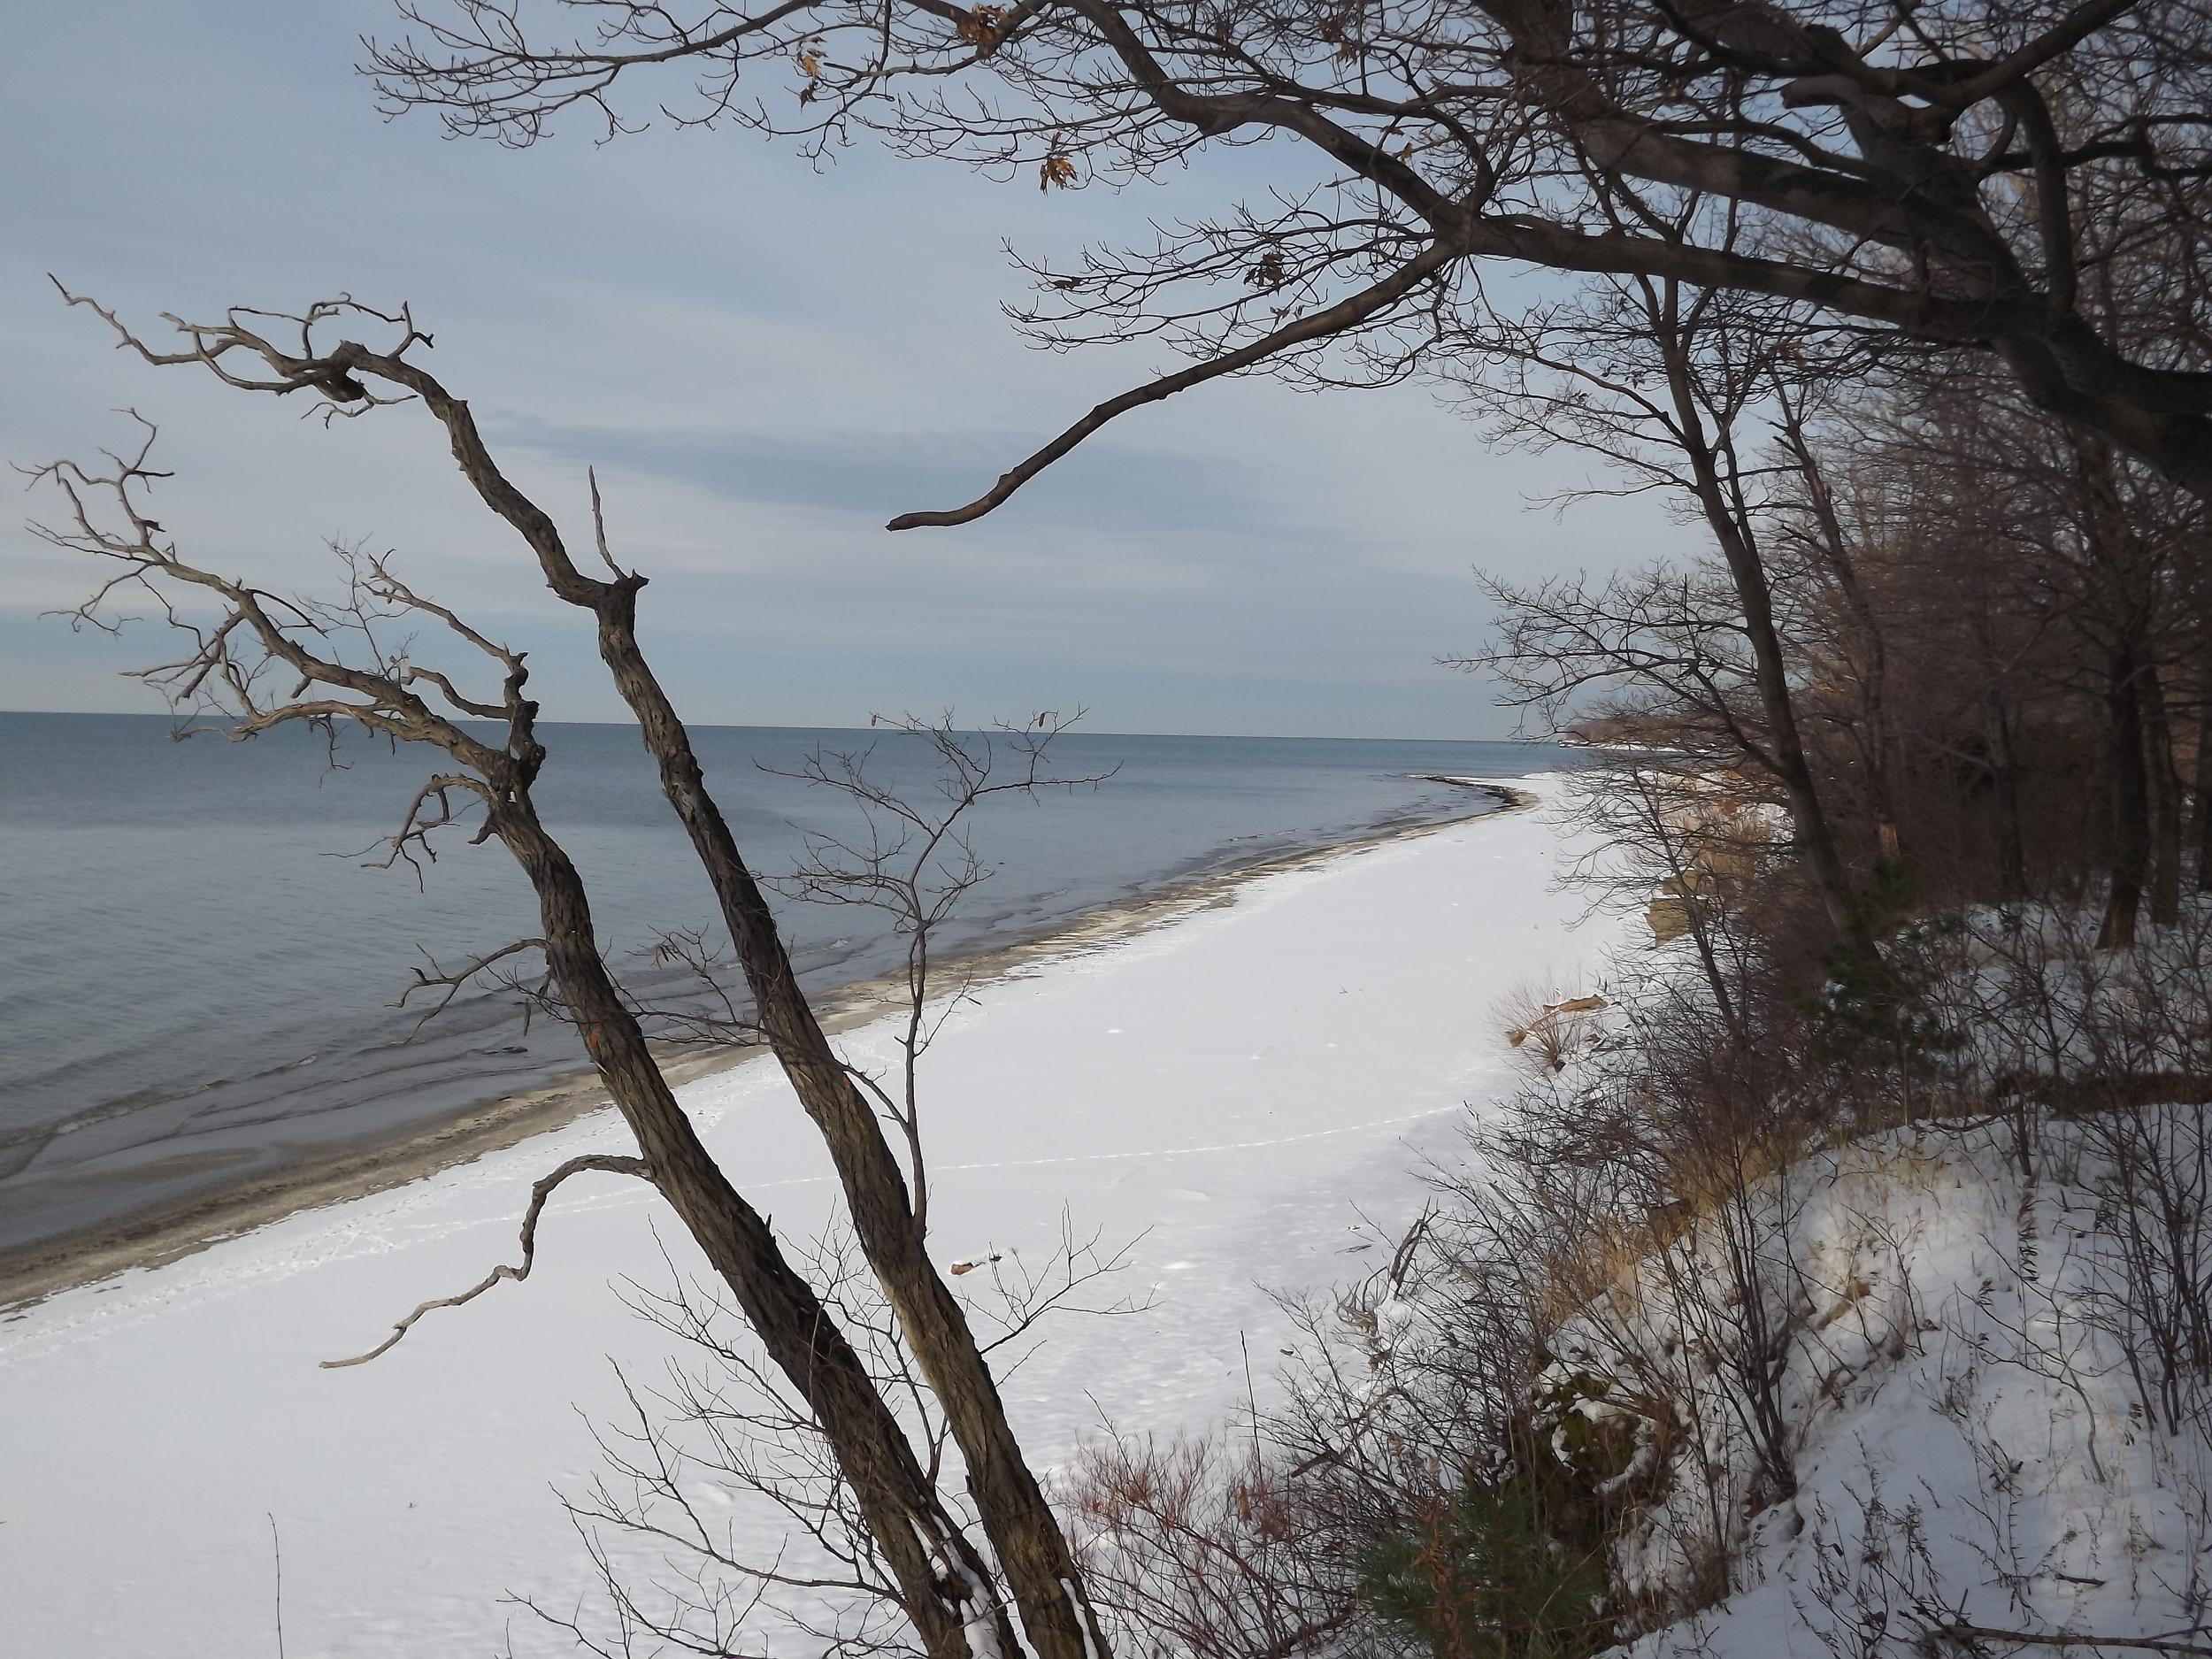 Bluff overlooking Beach